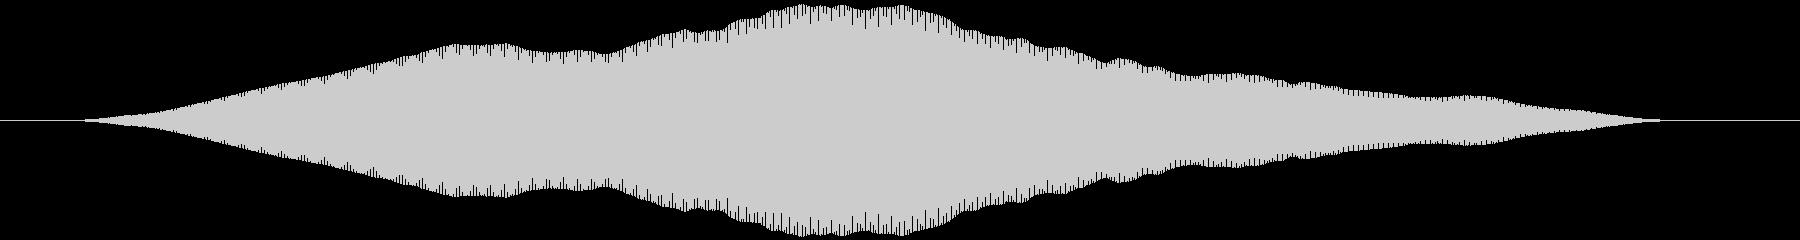 口笛を吹く(ヒュォゥ)の未再生の波形